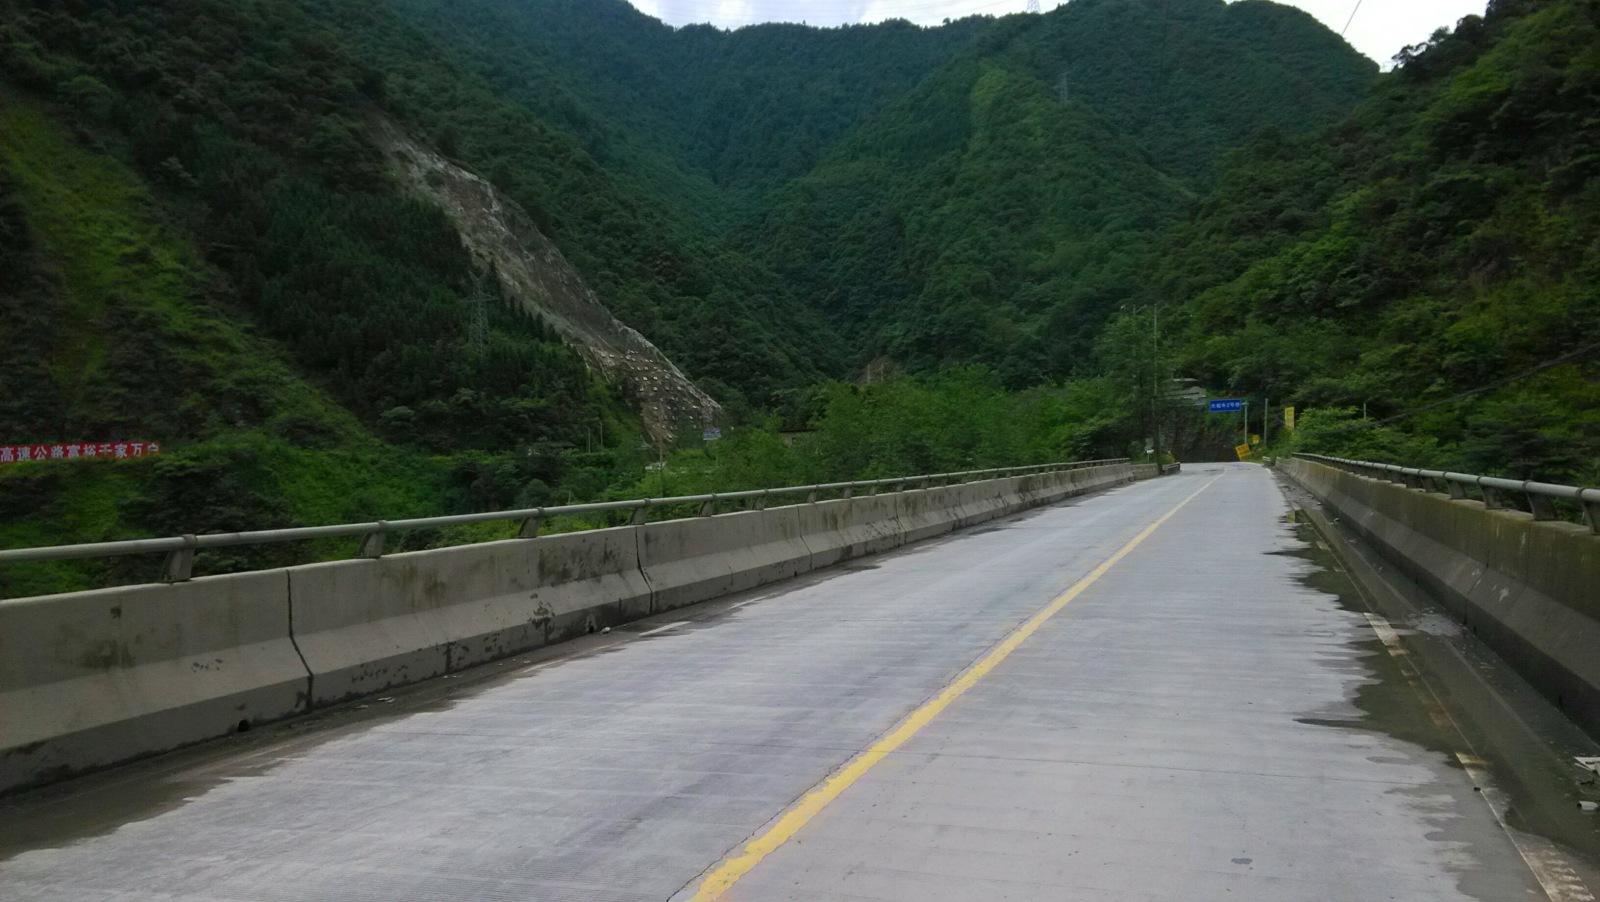 通向了山的更深处的桥